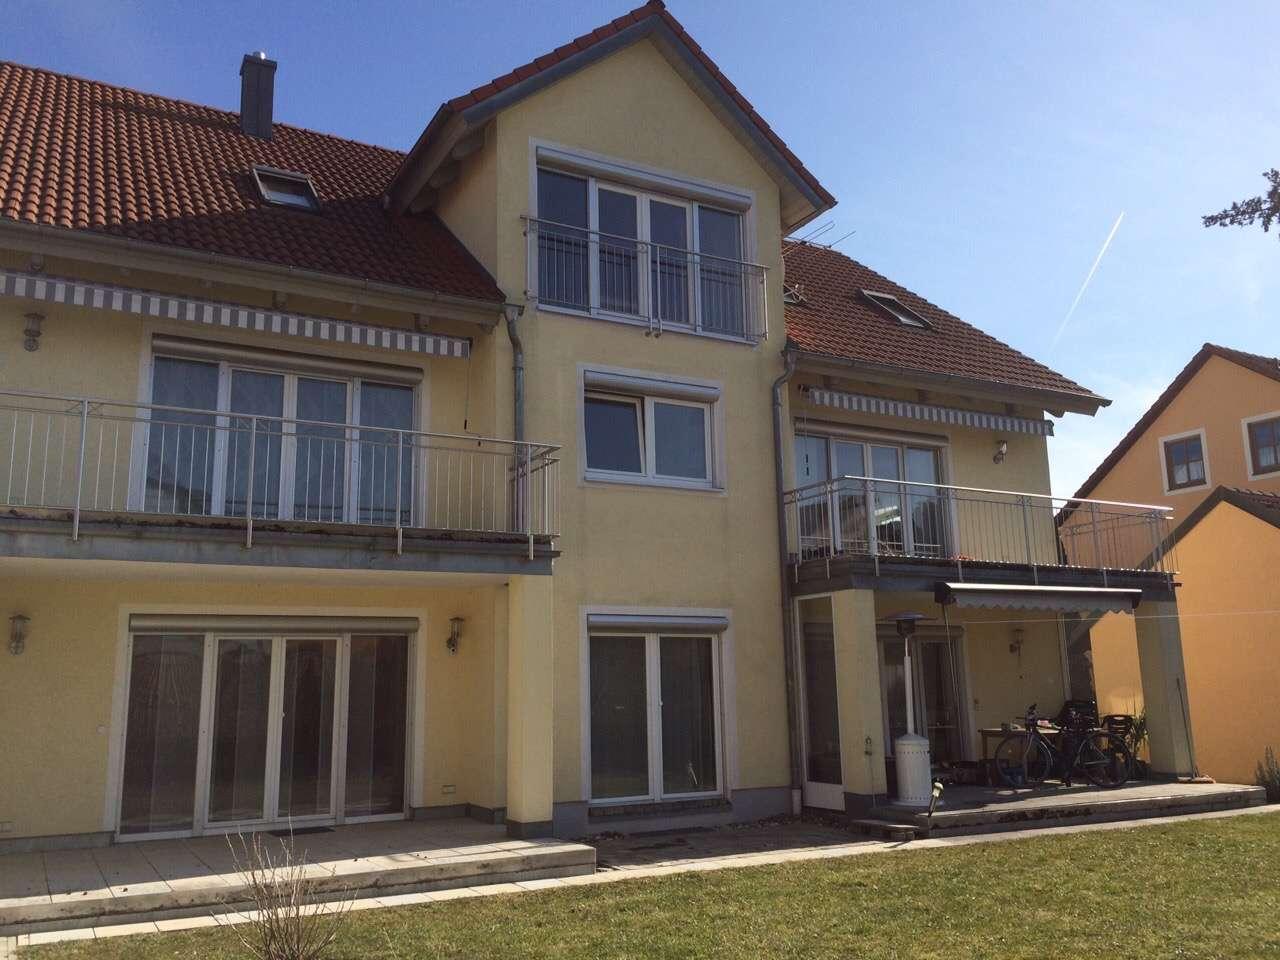 Keine WG! Helle 4-Zimmer-Wohnung mit EBK in Regensburg - Weichs in Weichs